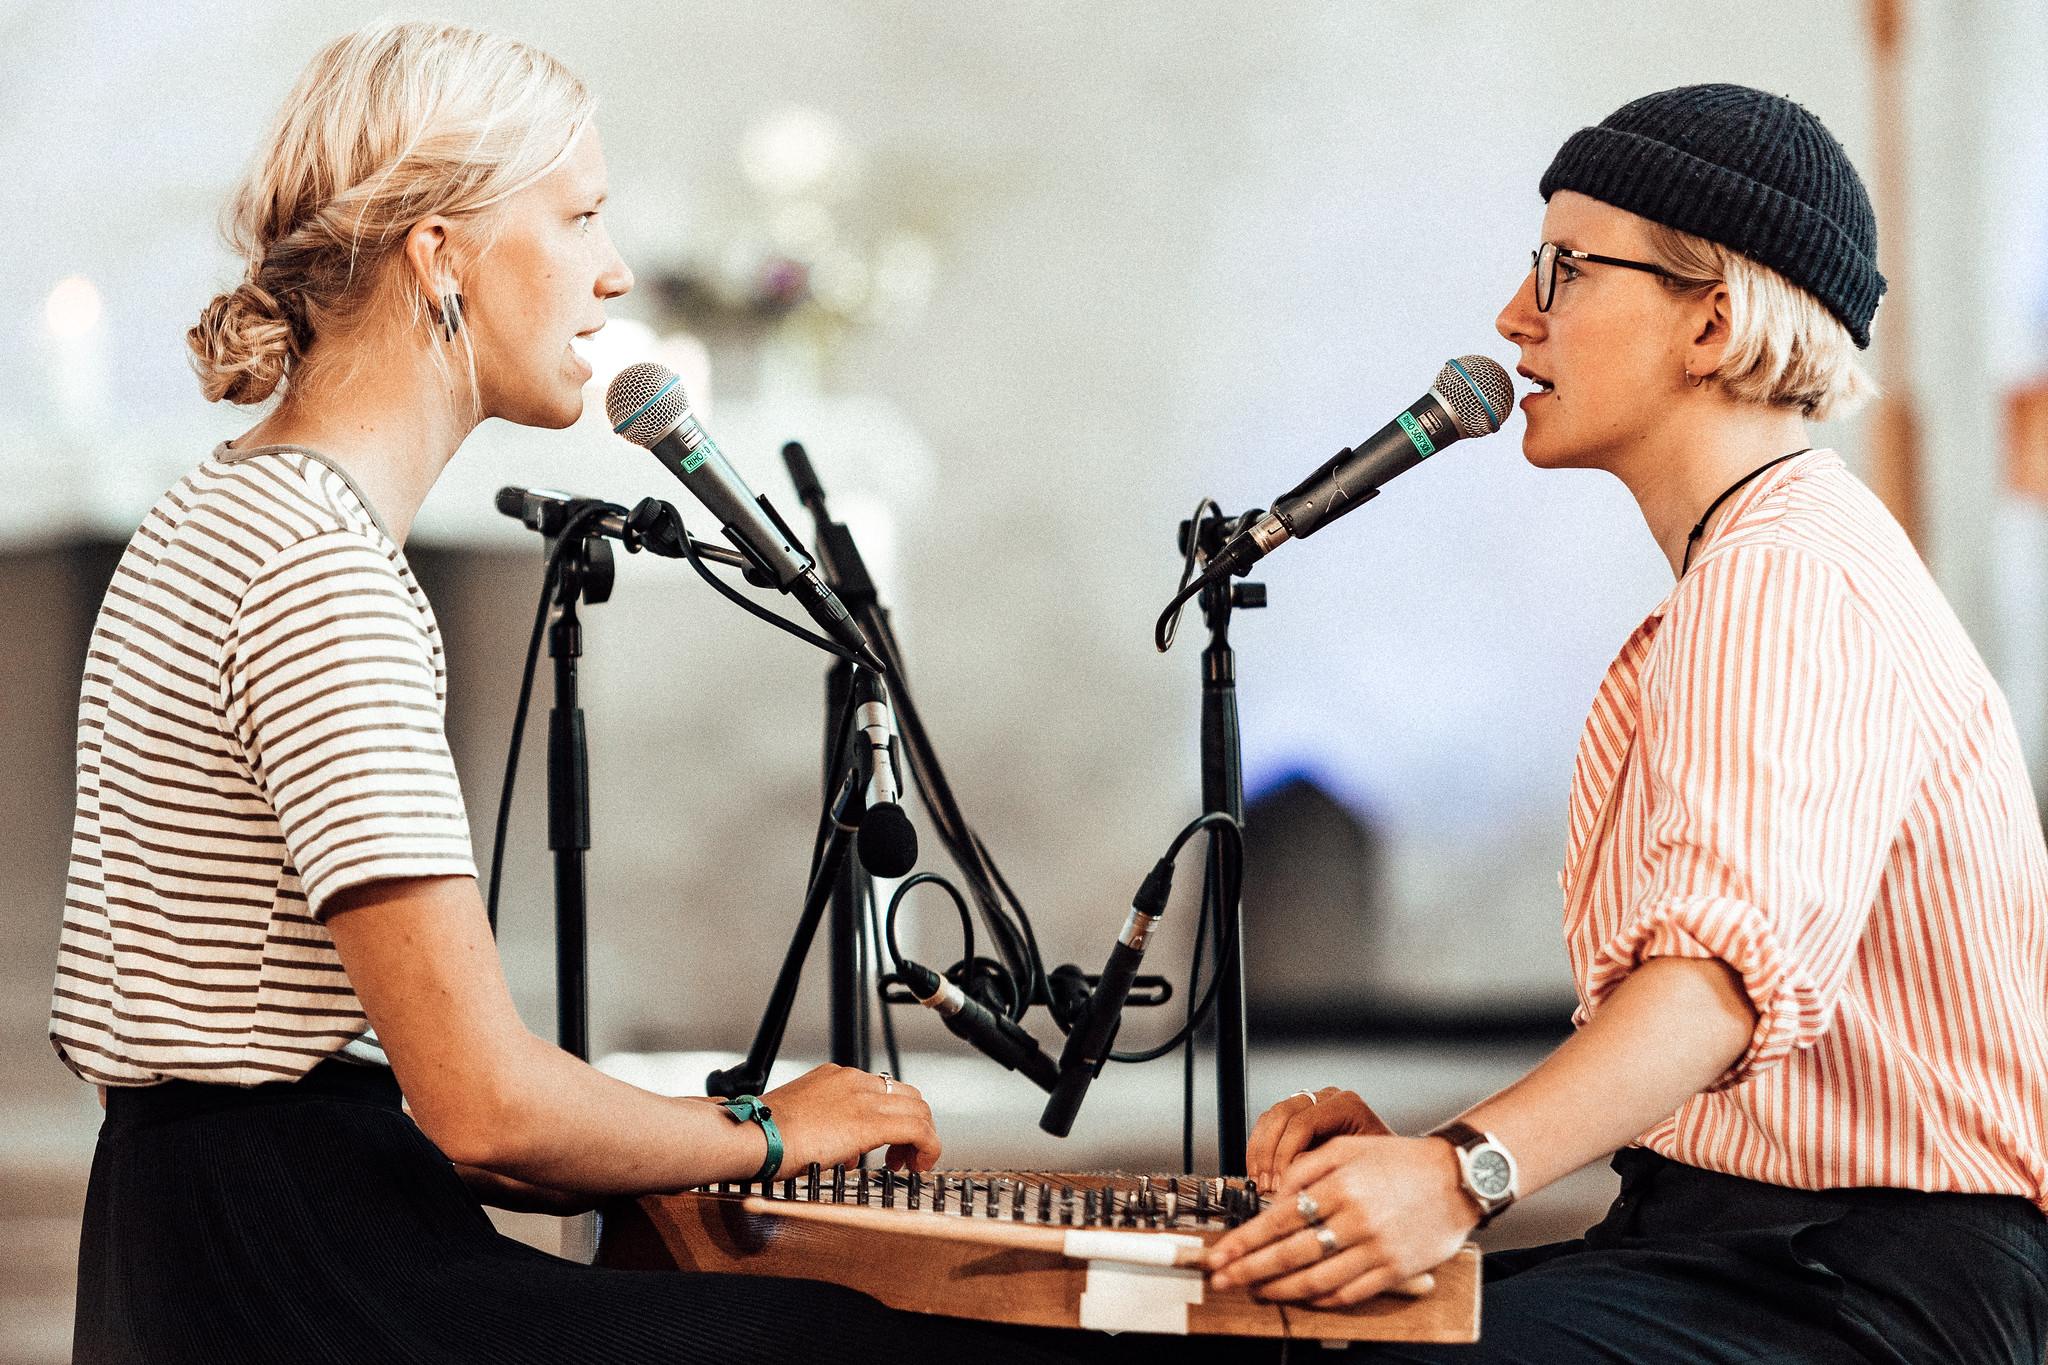 Duo Ruut Viljandi pärimusmuusika festivalil 2019 (Ann-Lisett Rebane, Katariina Kivi)/Ako Lehemets